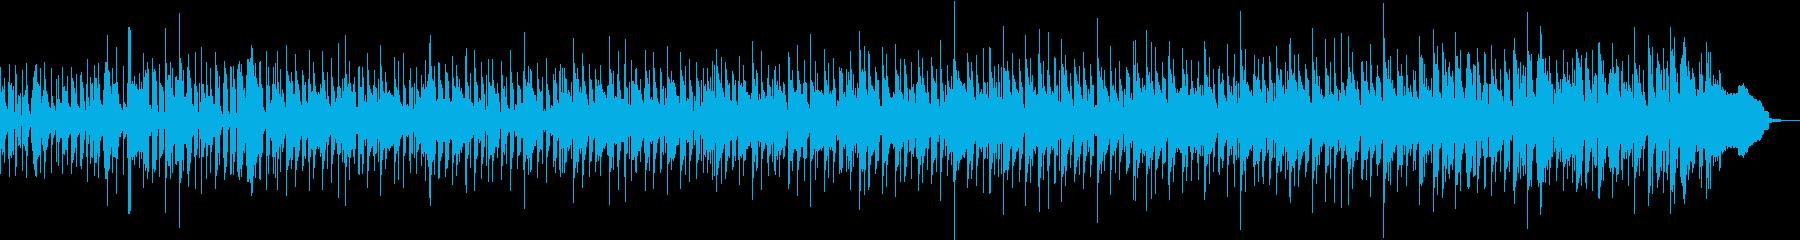 クールなスピード感あるファンクの再生済みの波形